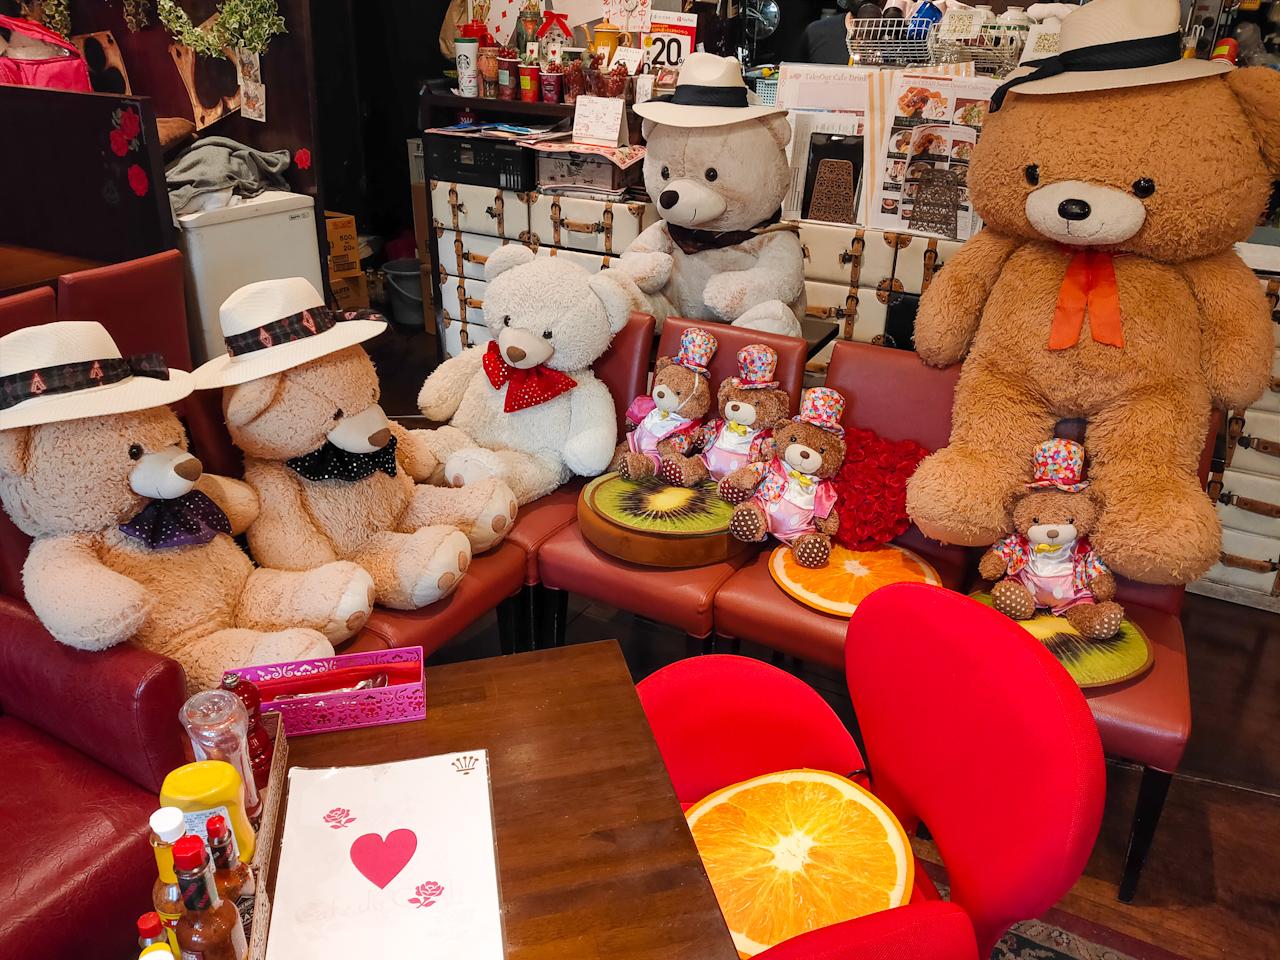 大勢のクマと一緒にカフェタイムを過ごすことができます。